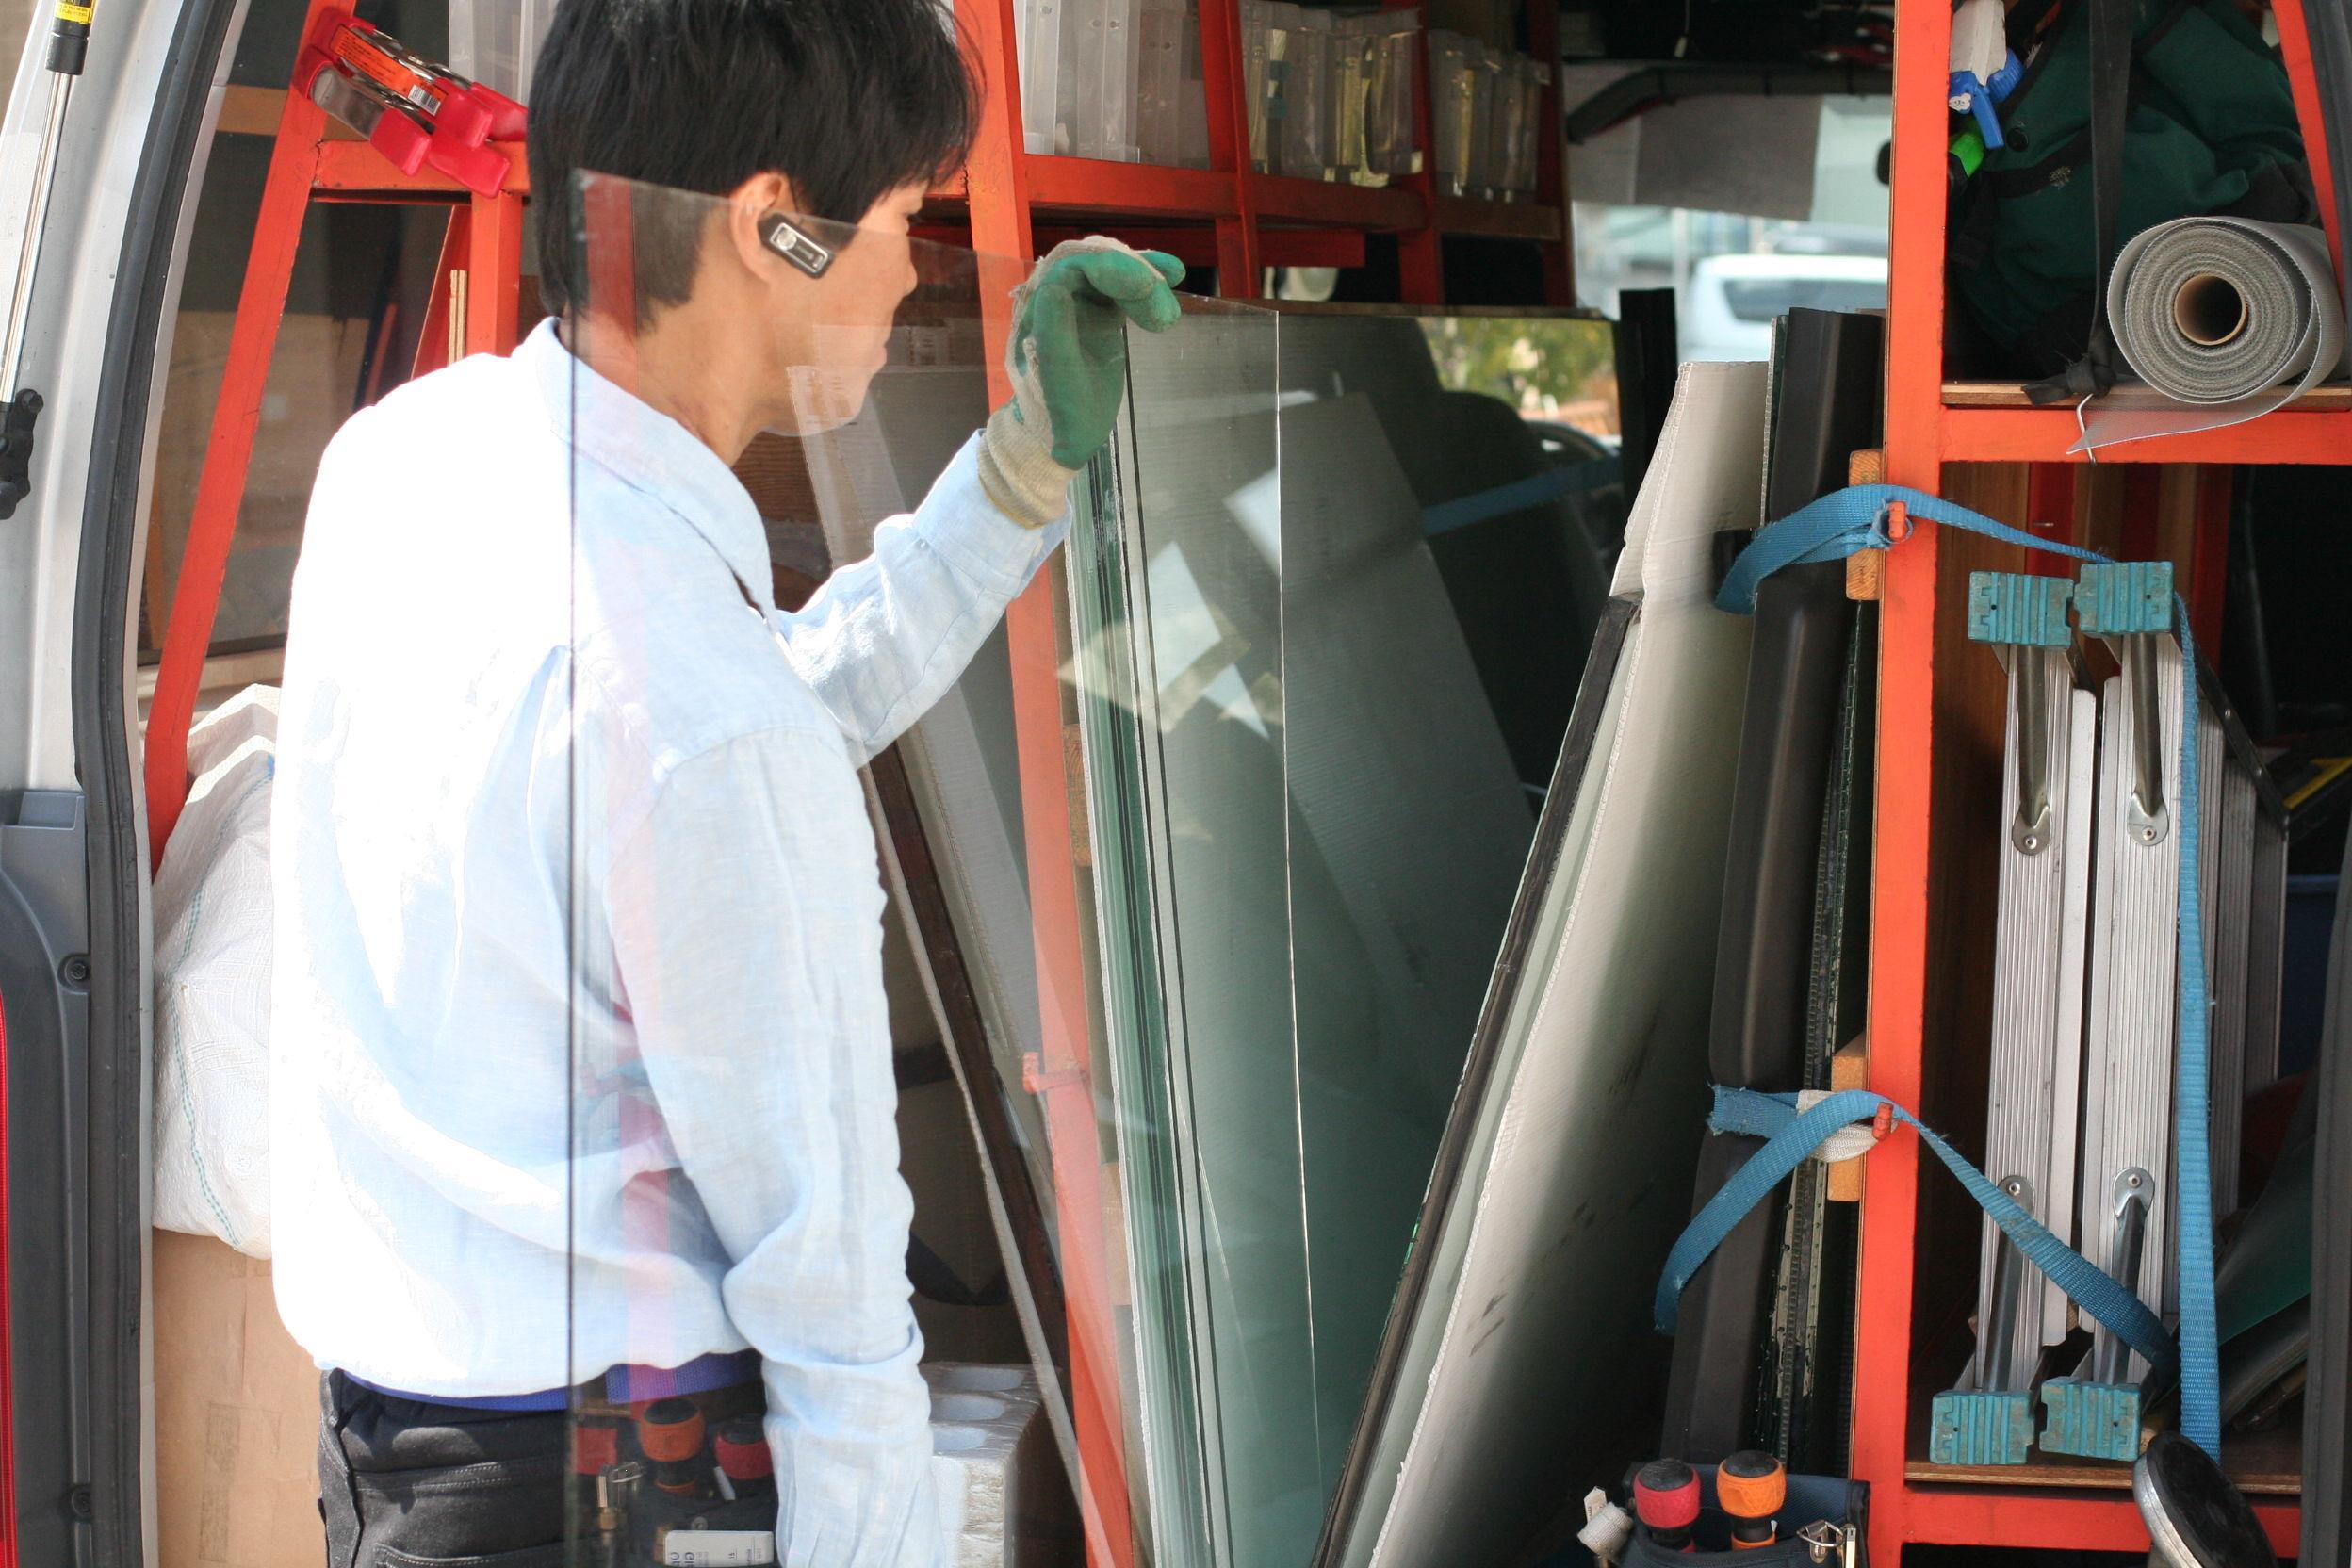 ガラスのトラブル救Q隊.24【知多郡東浦町 出張エリア】のメイン画像